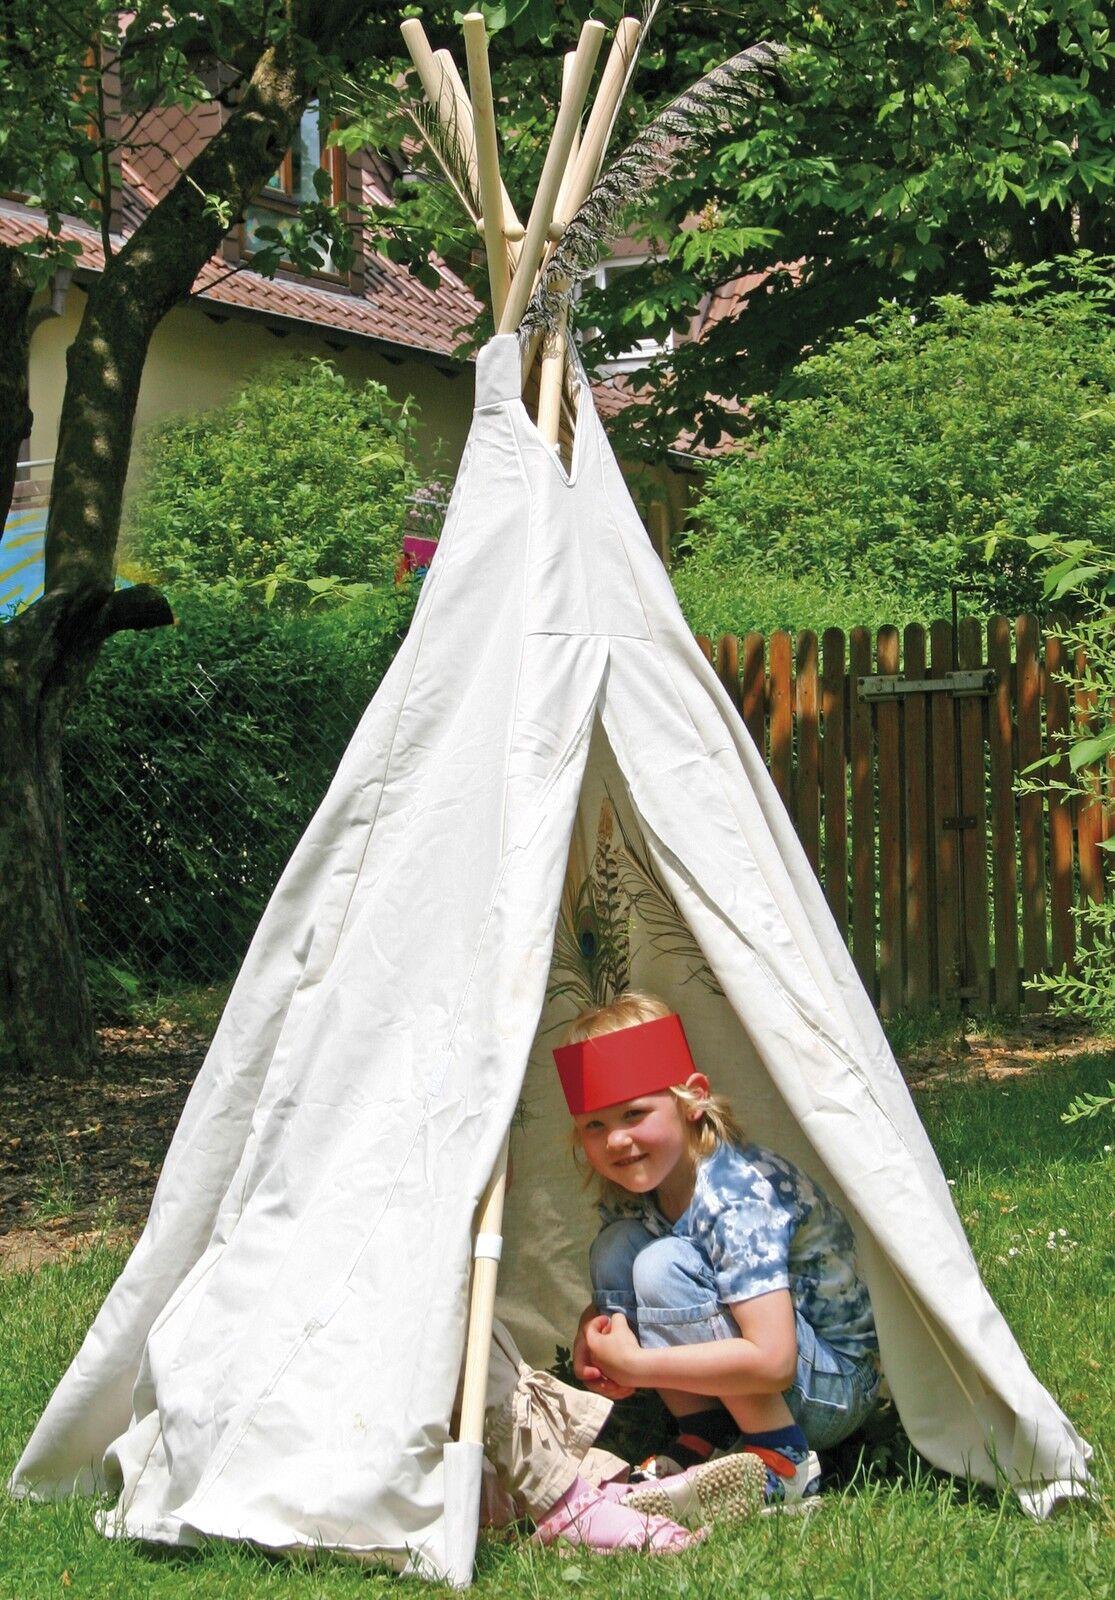 Kinder TIPI Wigwam Indianerzelt ø165 mit HOLZ-STANGEN und BAUMWOLLSTOFF  110-069